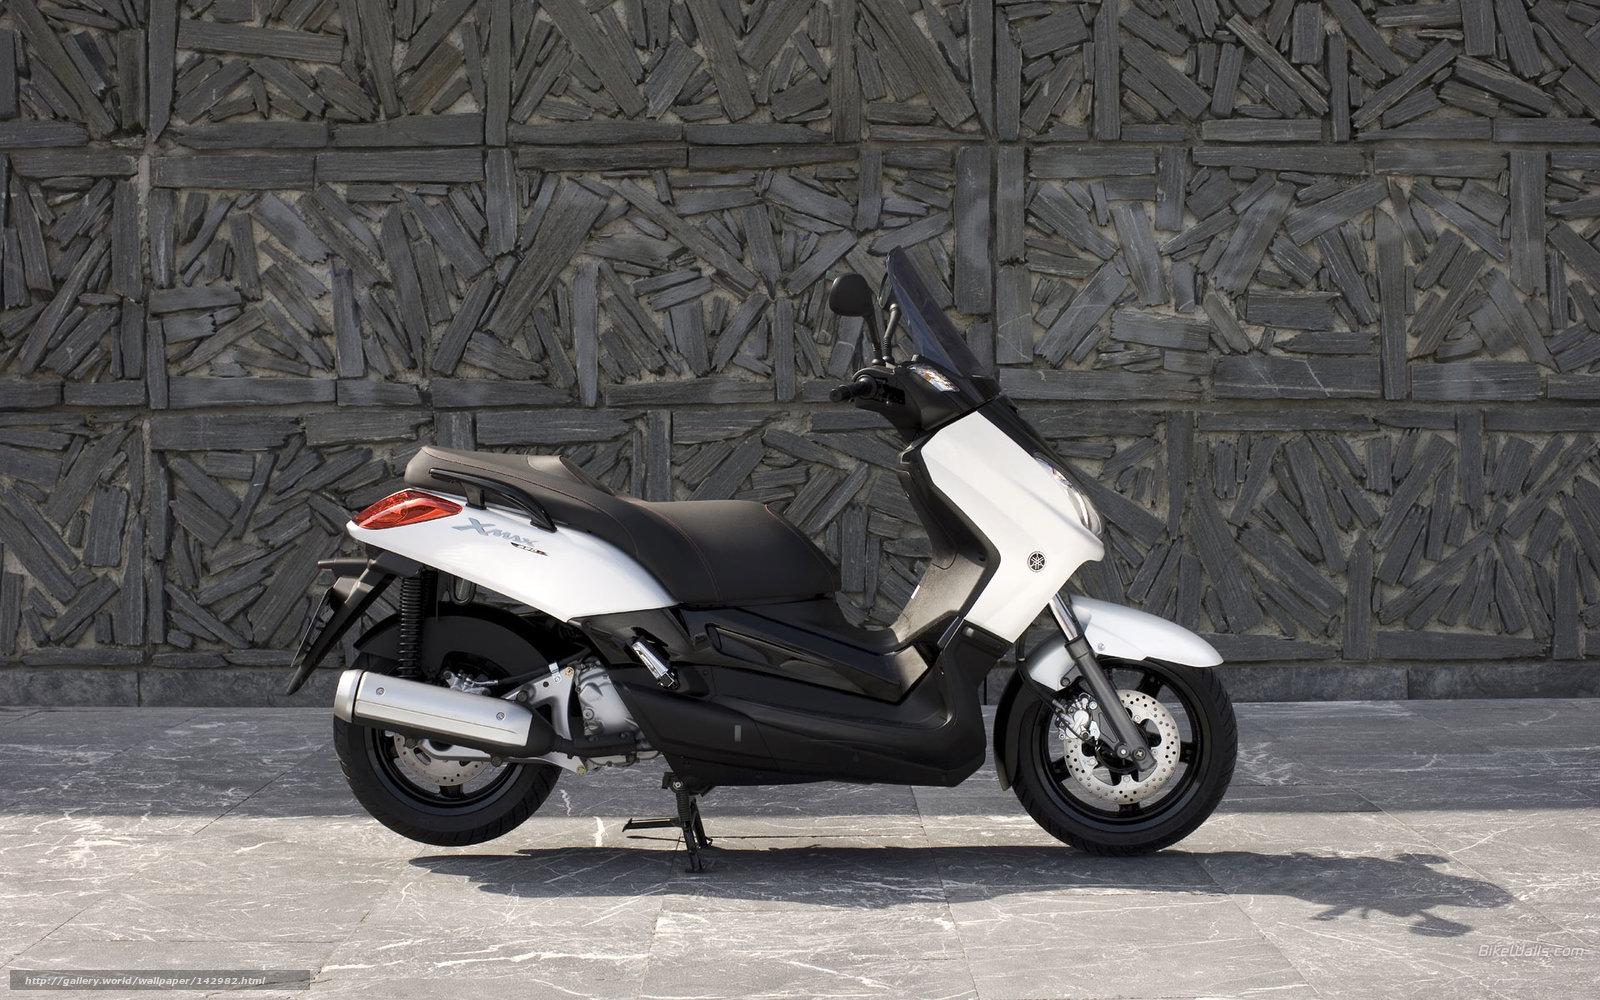 tlcharger fond d 39 ecran yamaha scooter x max 250 x max 250 2008 fonds d 39 ecran gratuits pour. Black Bedroom Furniture Sets. Home Design Ideas